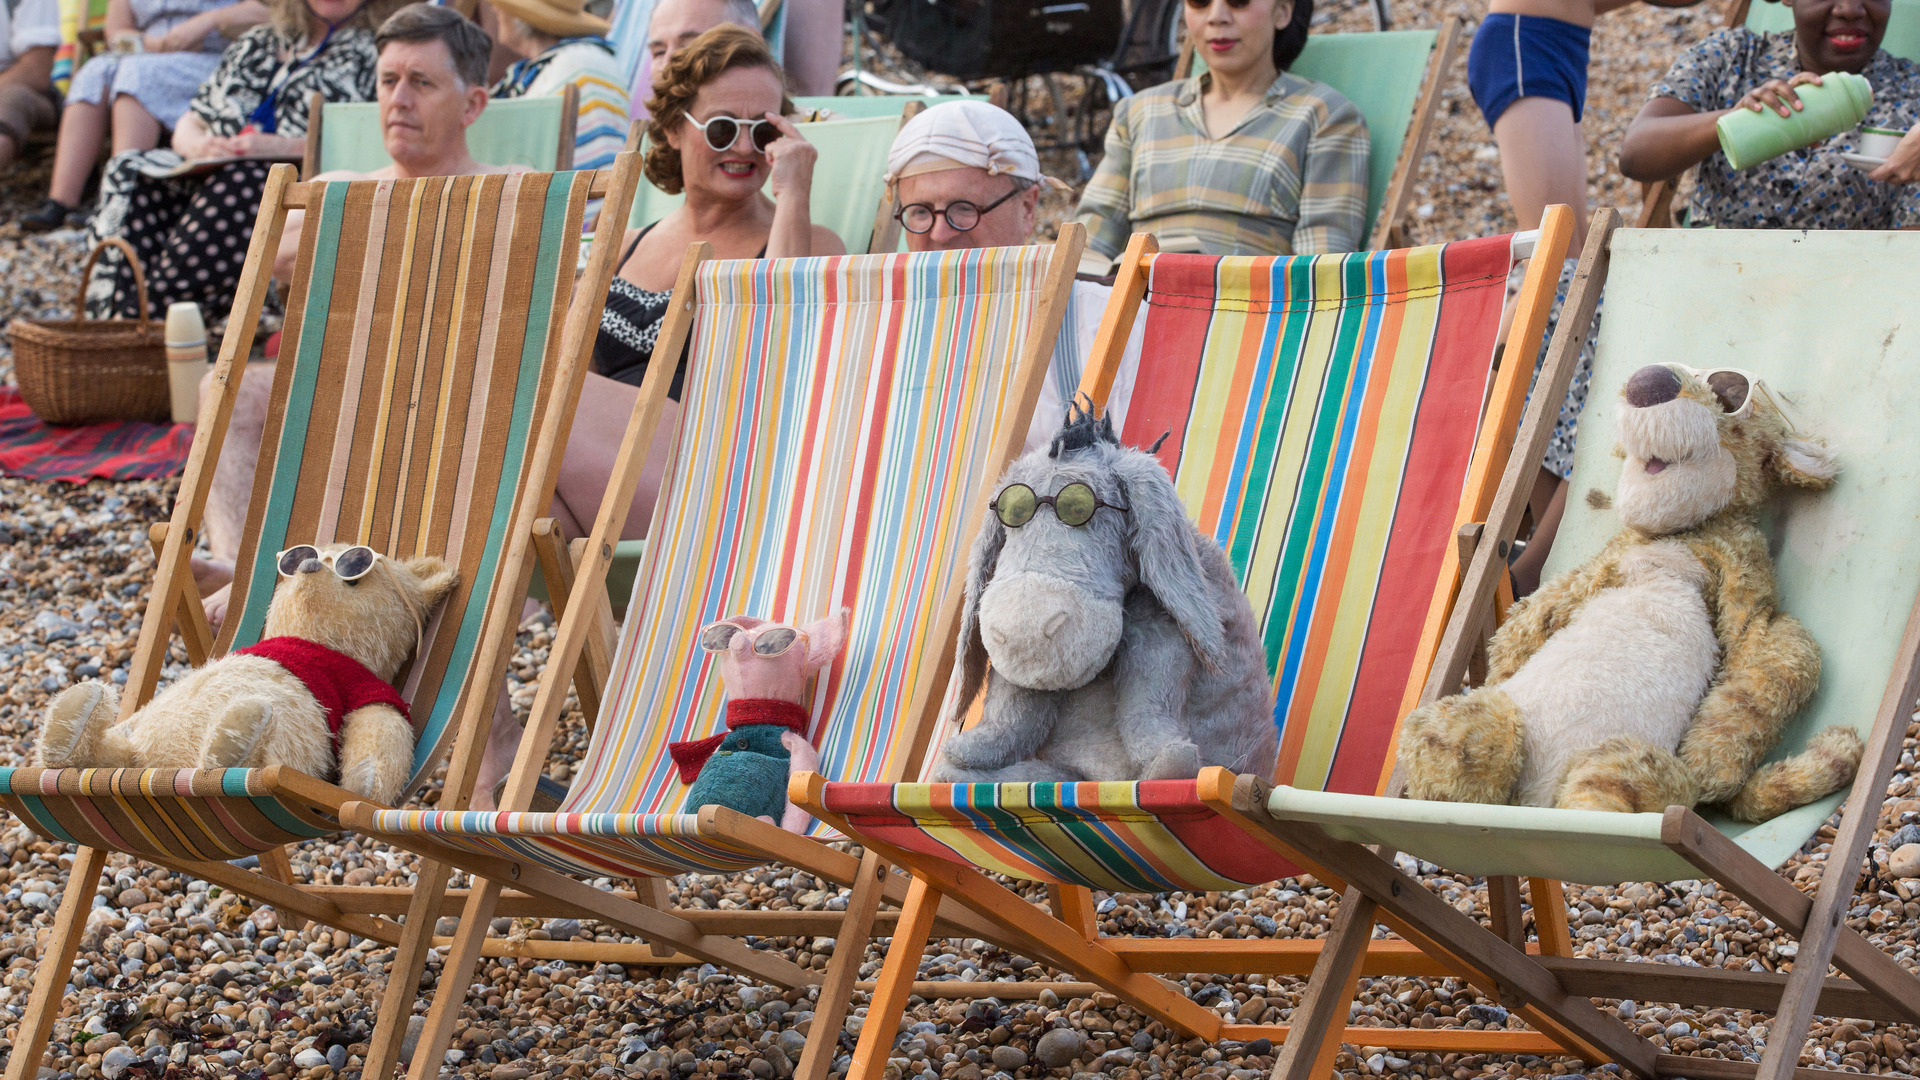 winnie-the-pooh-friends-christopher-robin-movie-5k-sv.jpg